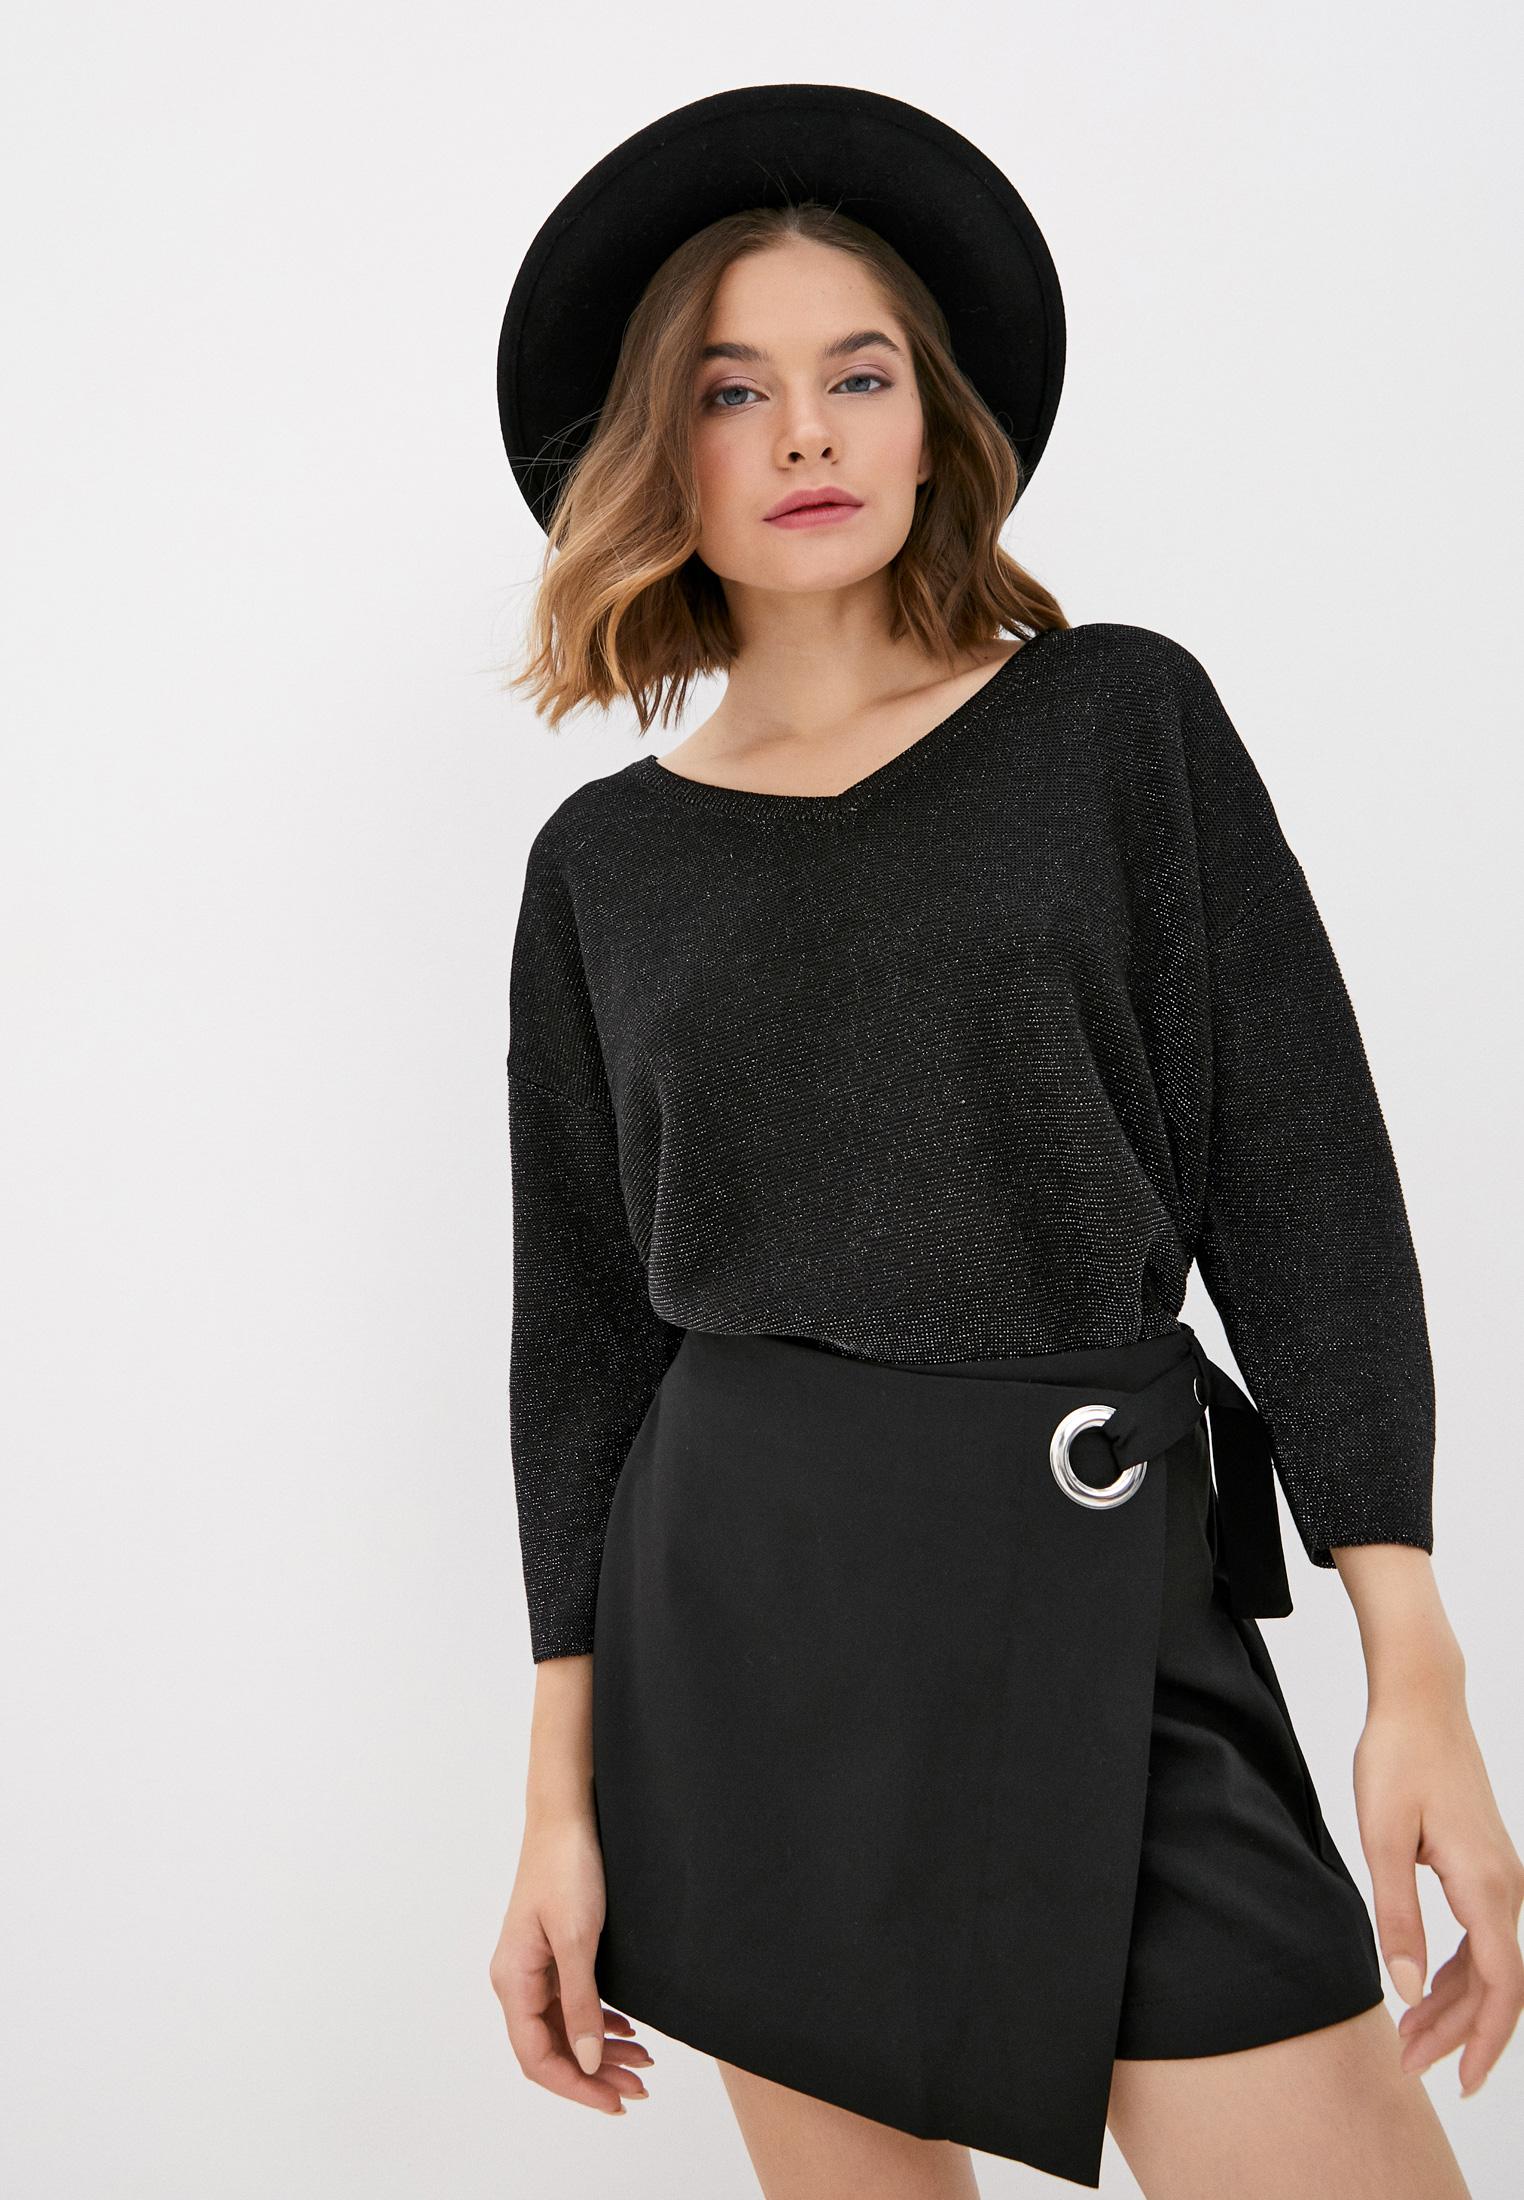 Пуловер Zolla LI61027_01